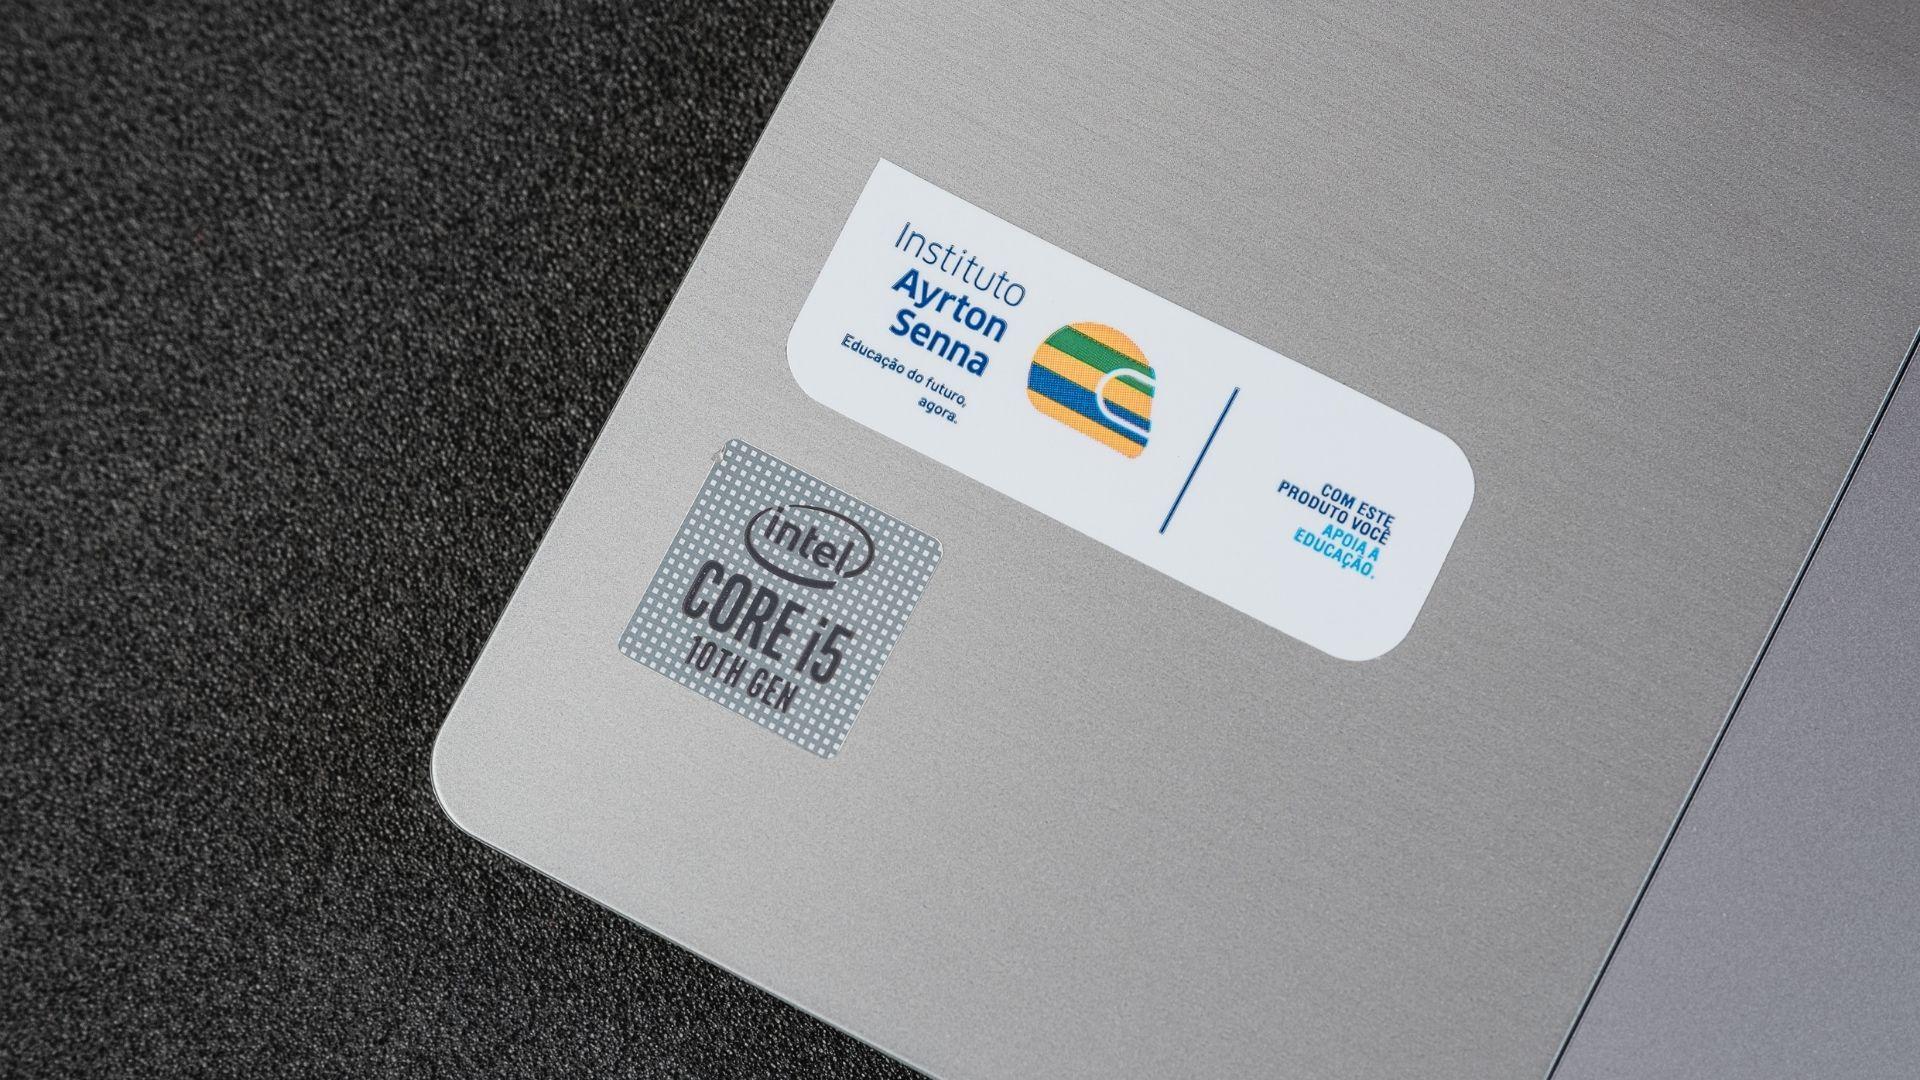 Com seu i5, 8GB de RAM e SSD, o produto testado tem um ótimo desempenho (Foto: Zoom)